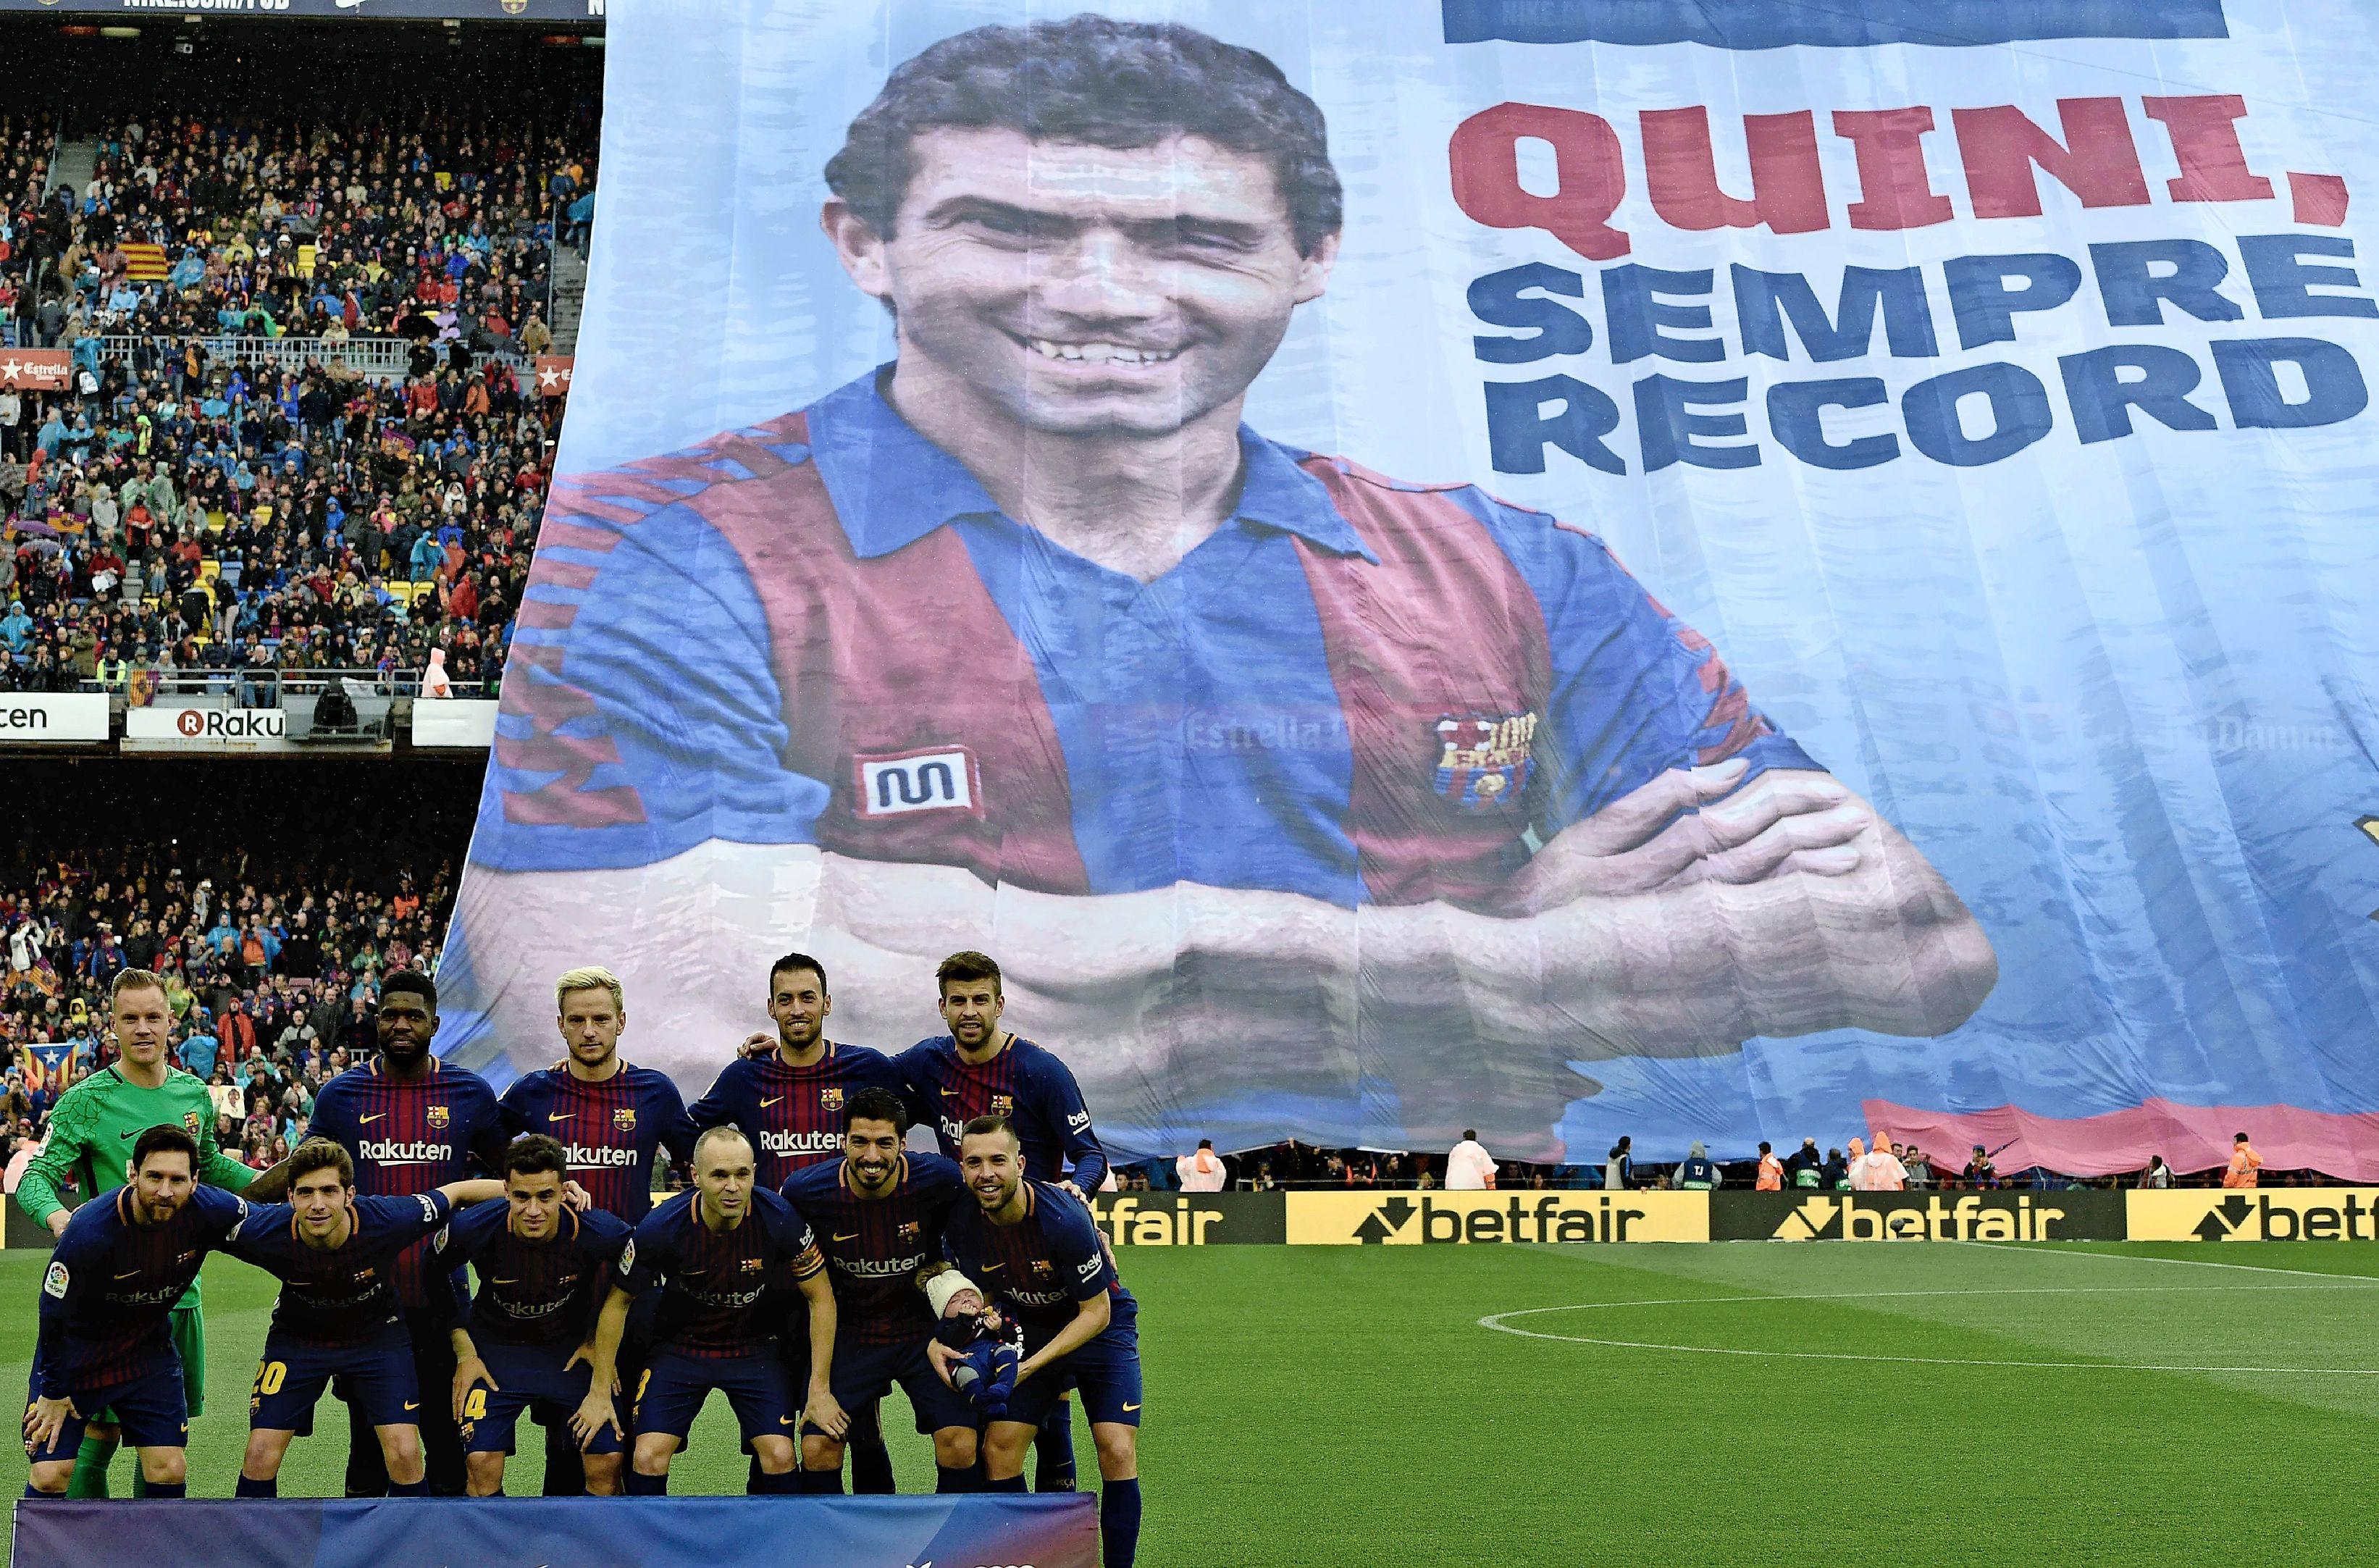 Op deze dag in 1981: Barcelona-voetballer Enrique 'Quini' Carlos Gonzáles wordt buiten Camp Nou opgewacht en ontvoerd. Zijn bevrijding volgt pas na 25 dagen